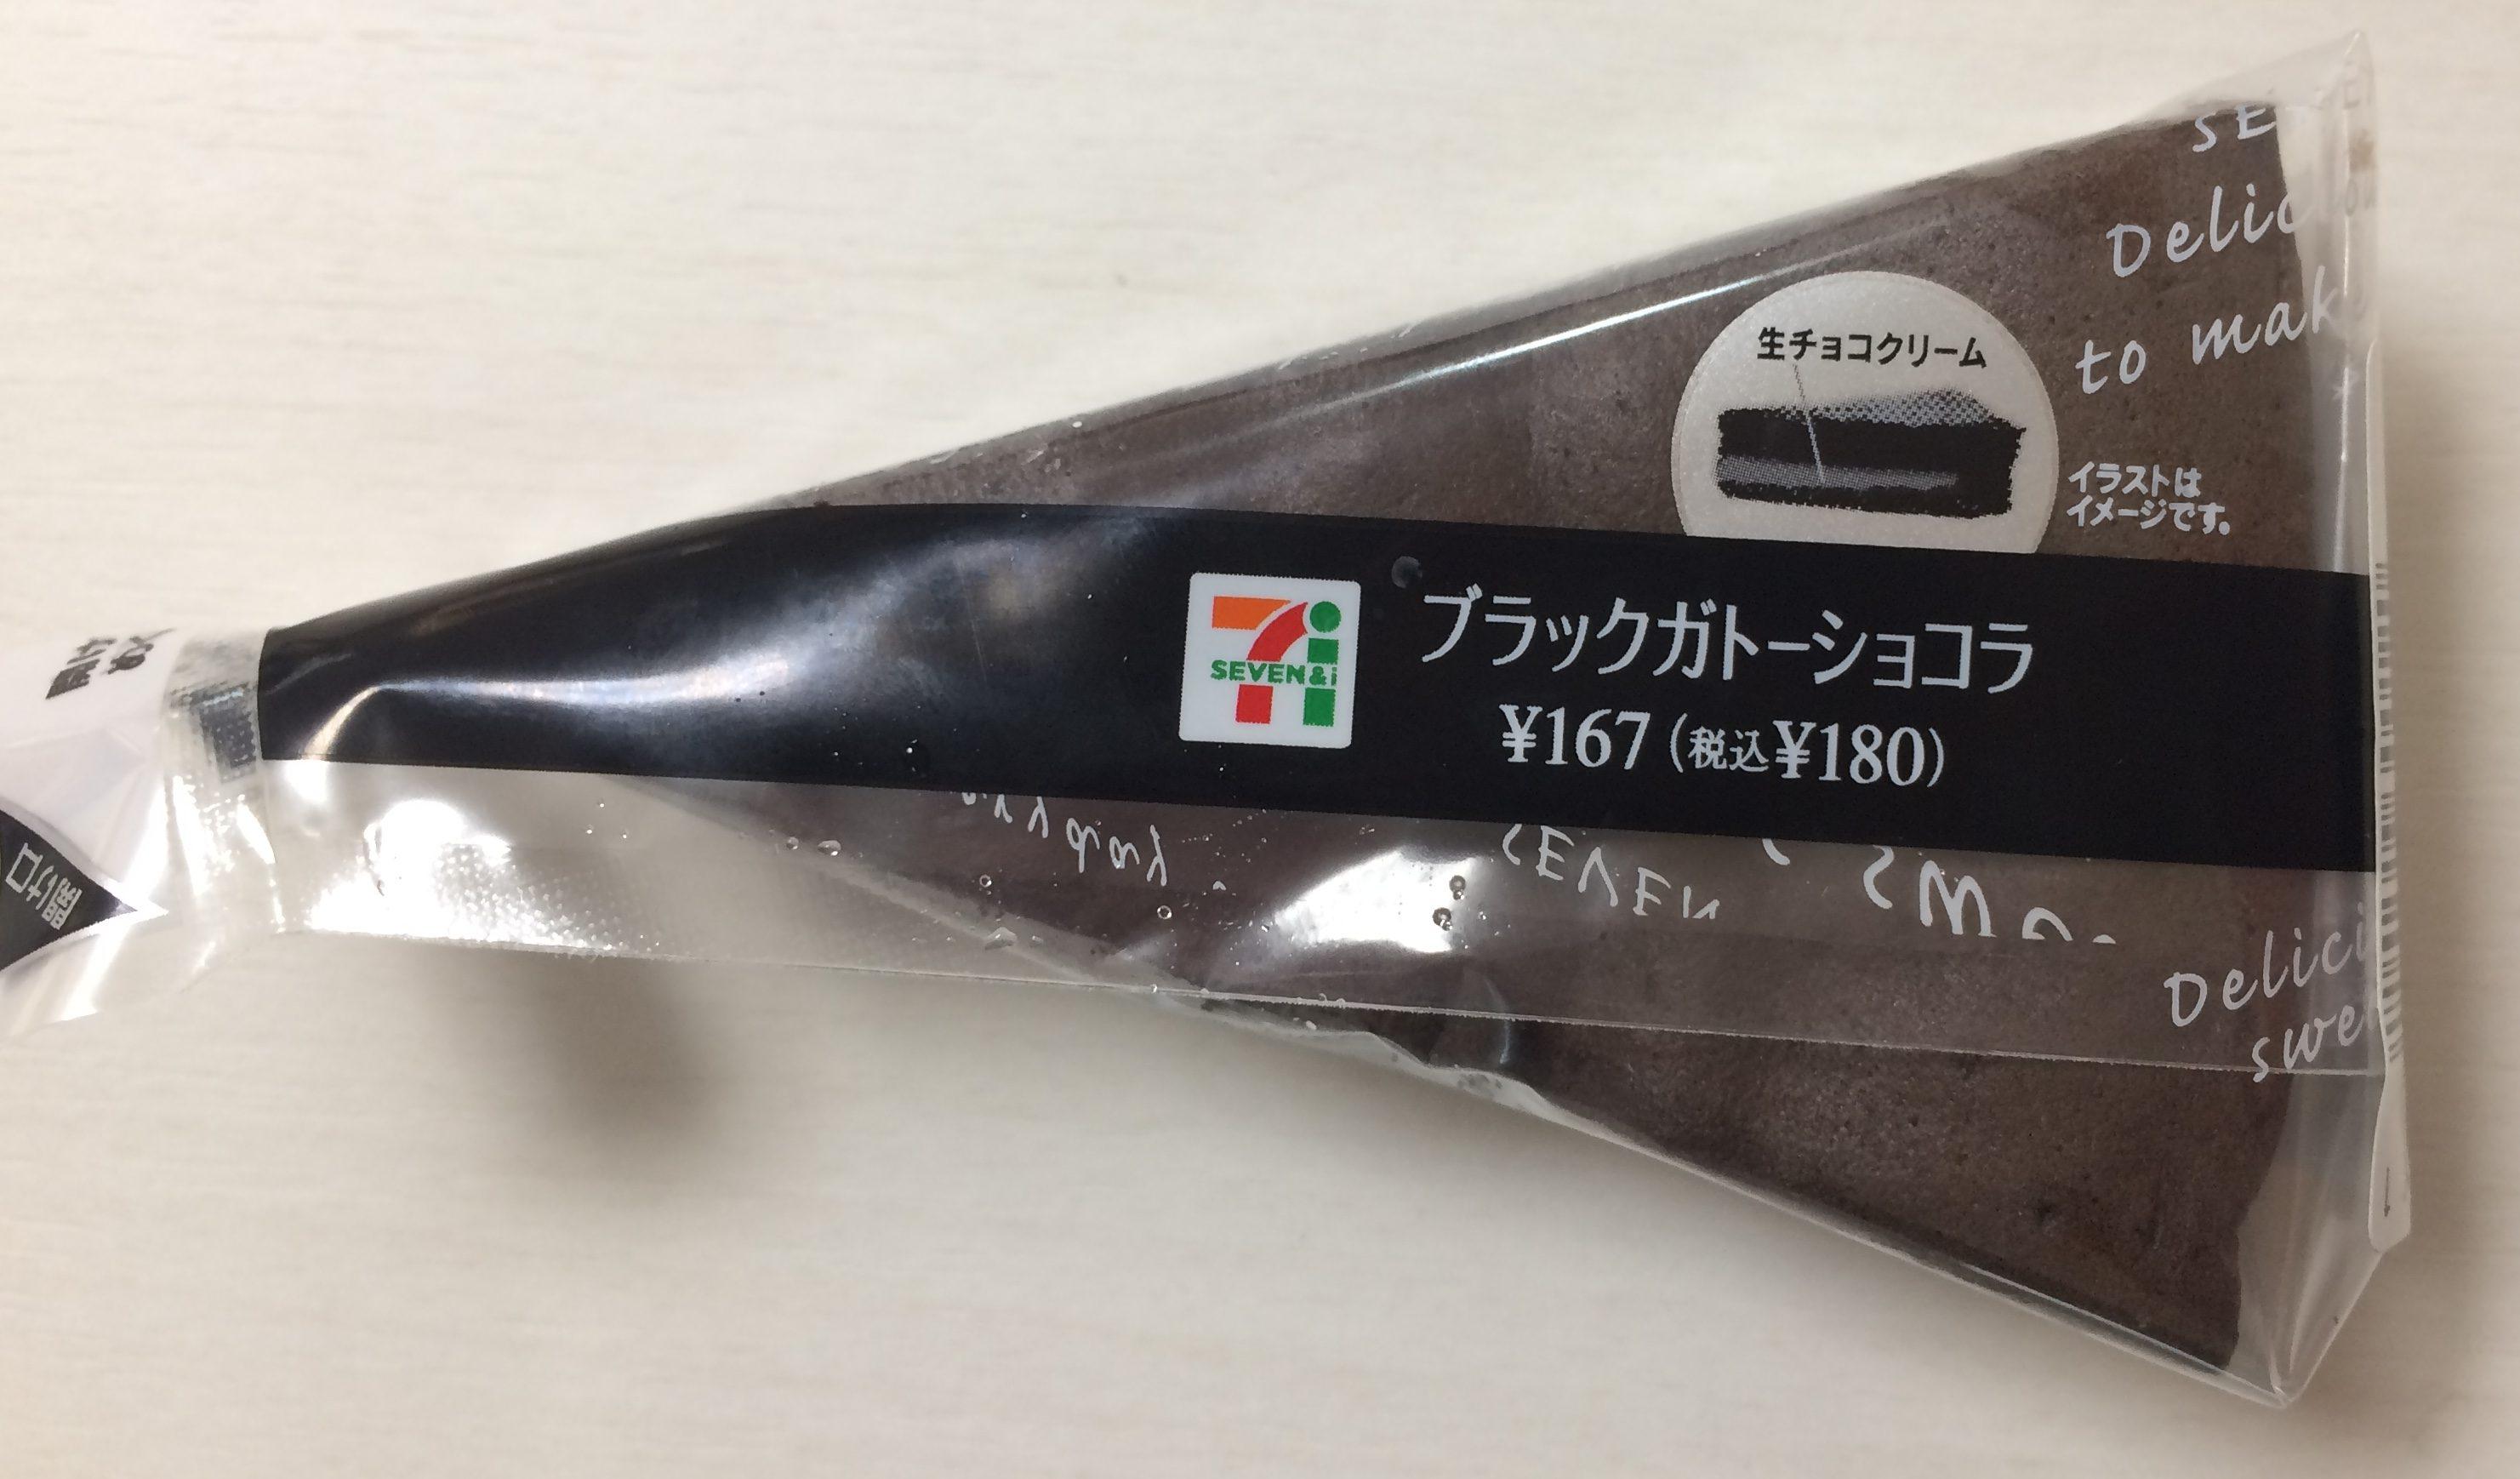 【セブンイレブン】ブラックガトーショコラ 食べた感想